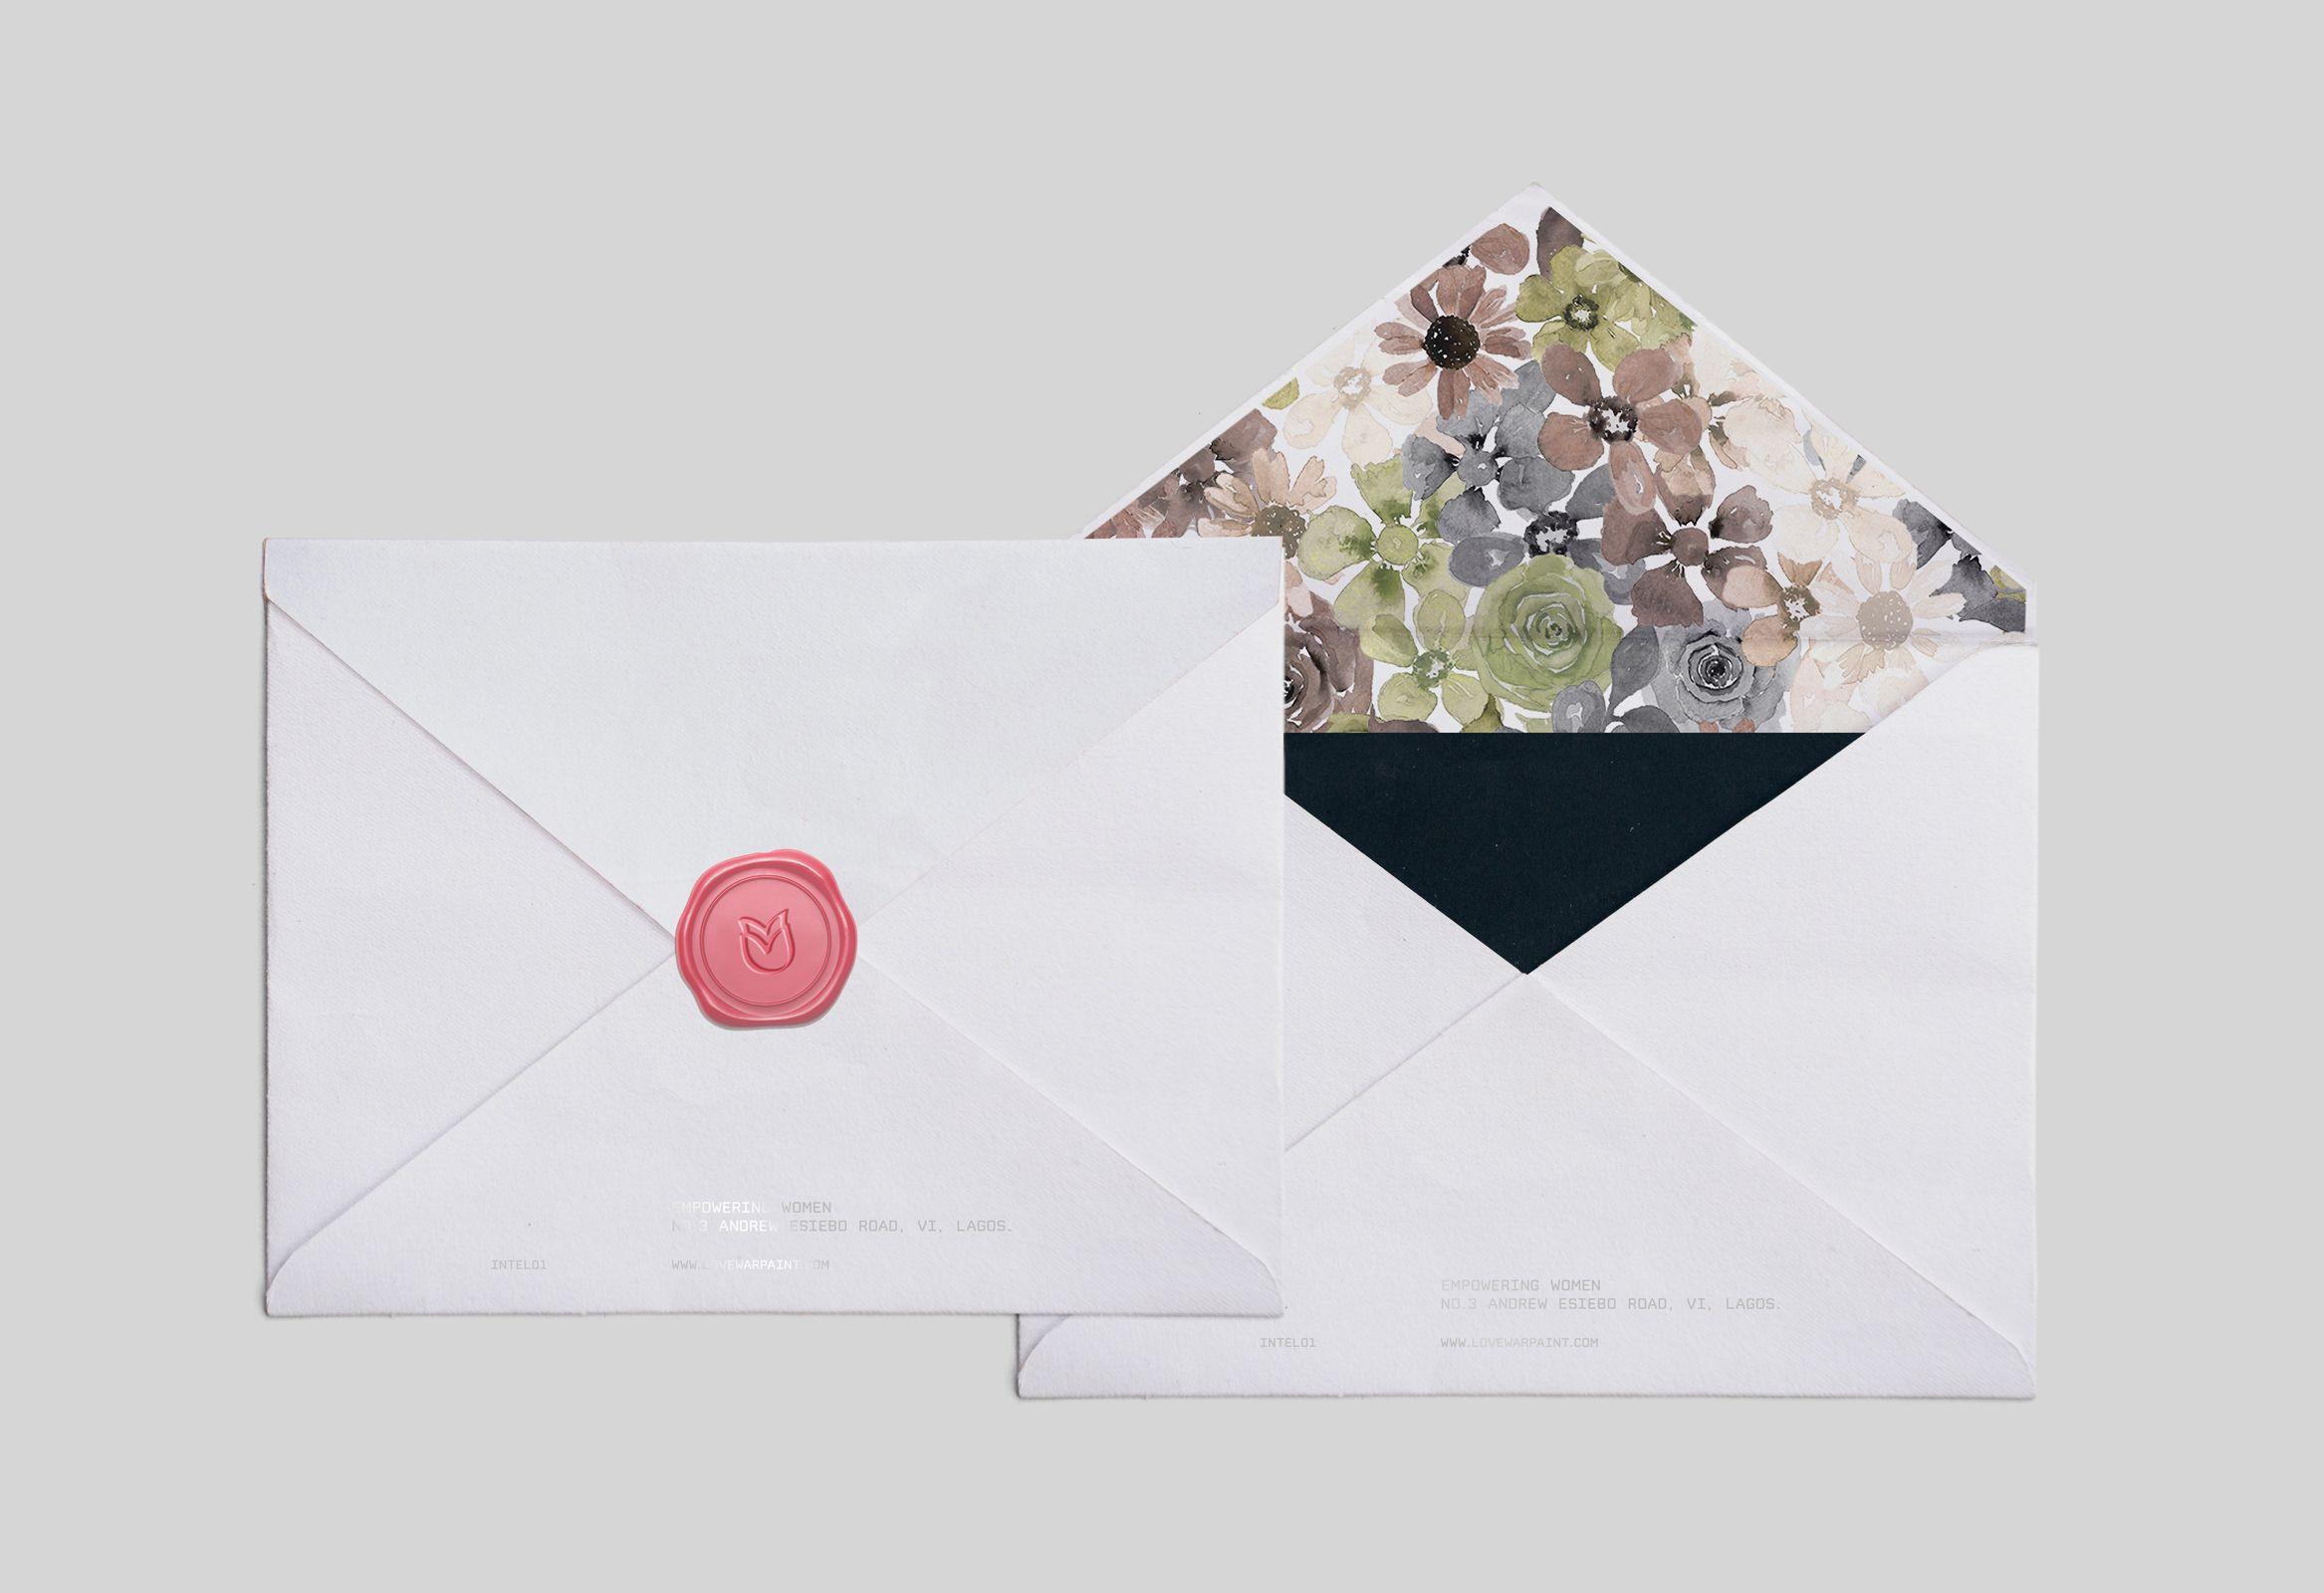 Wairpaint Letter